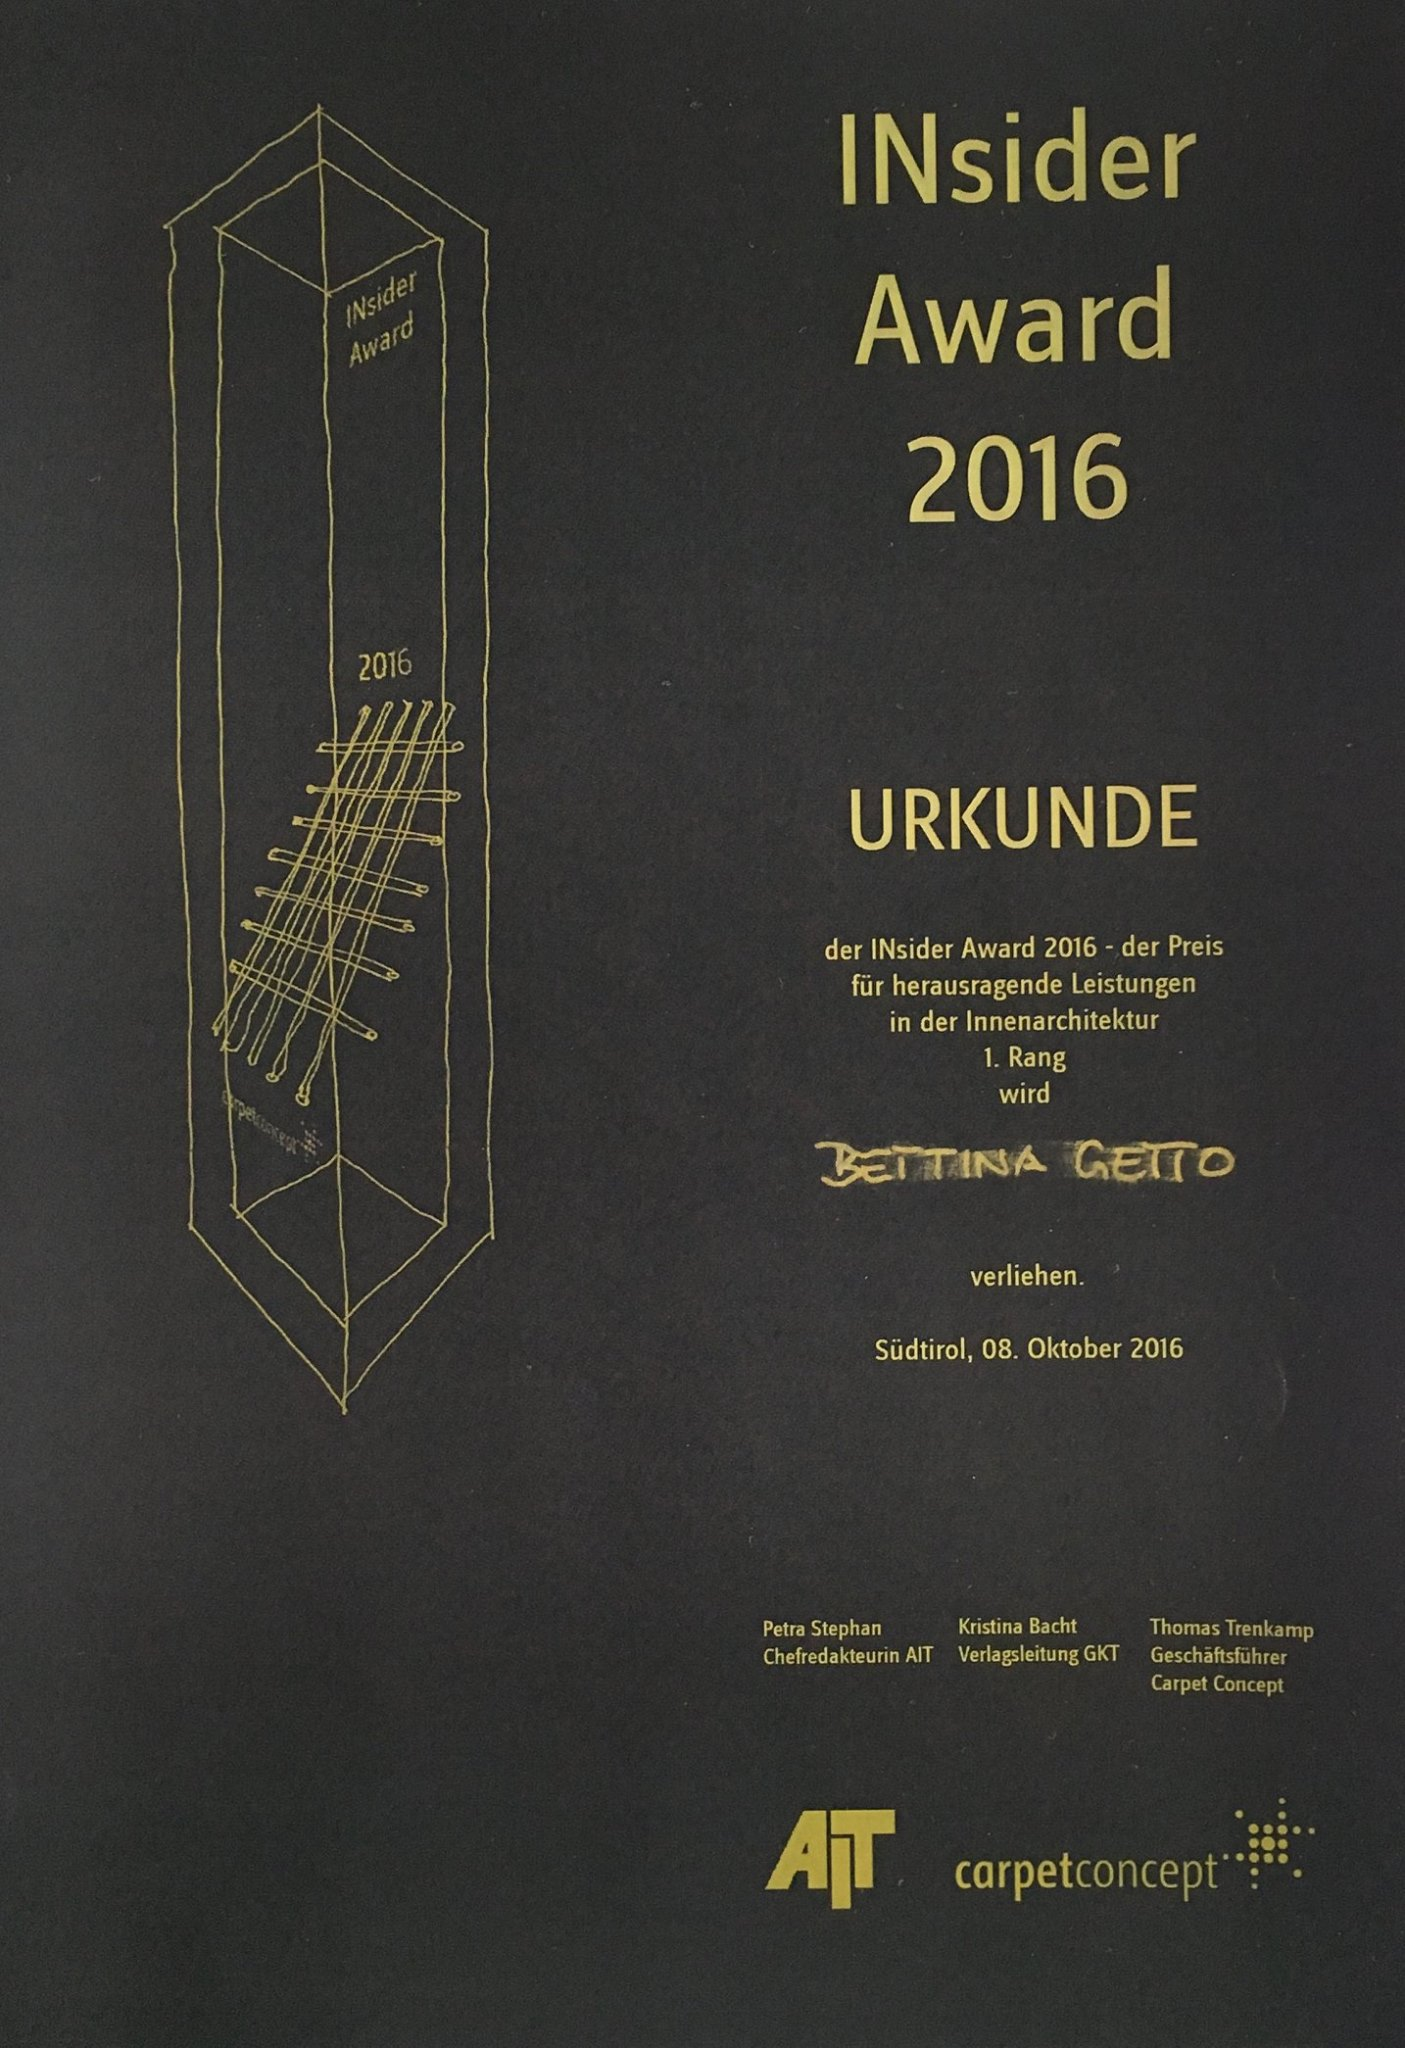 2016 Sieger INsider Award